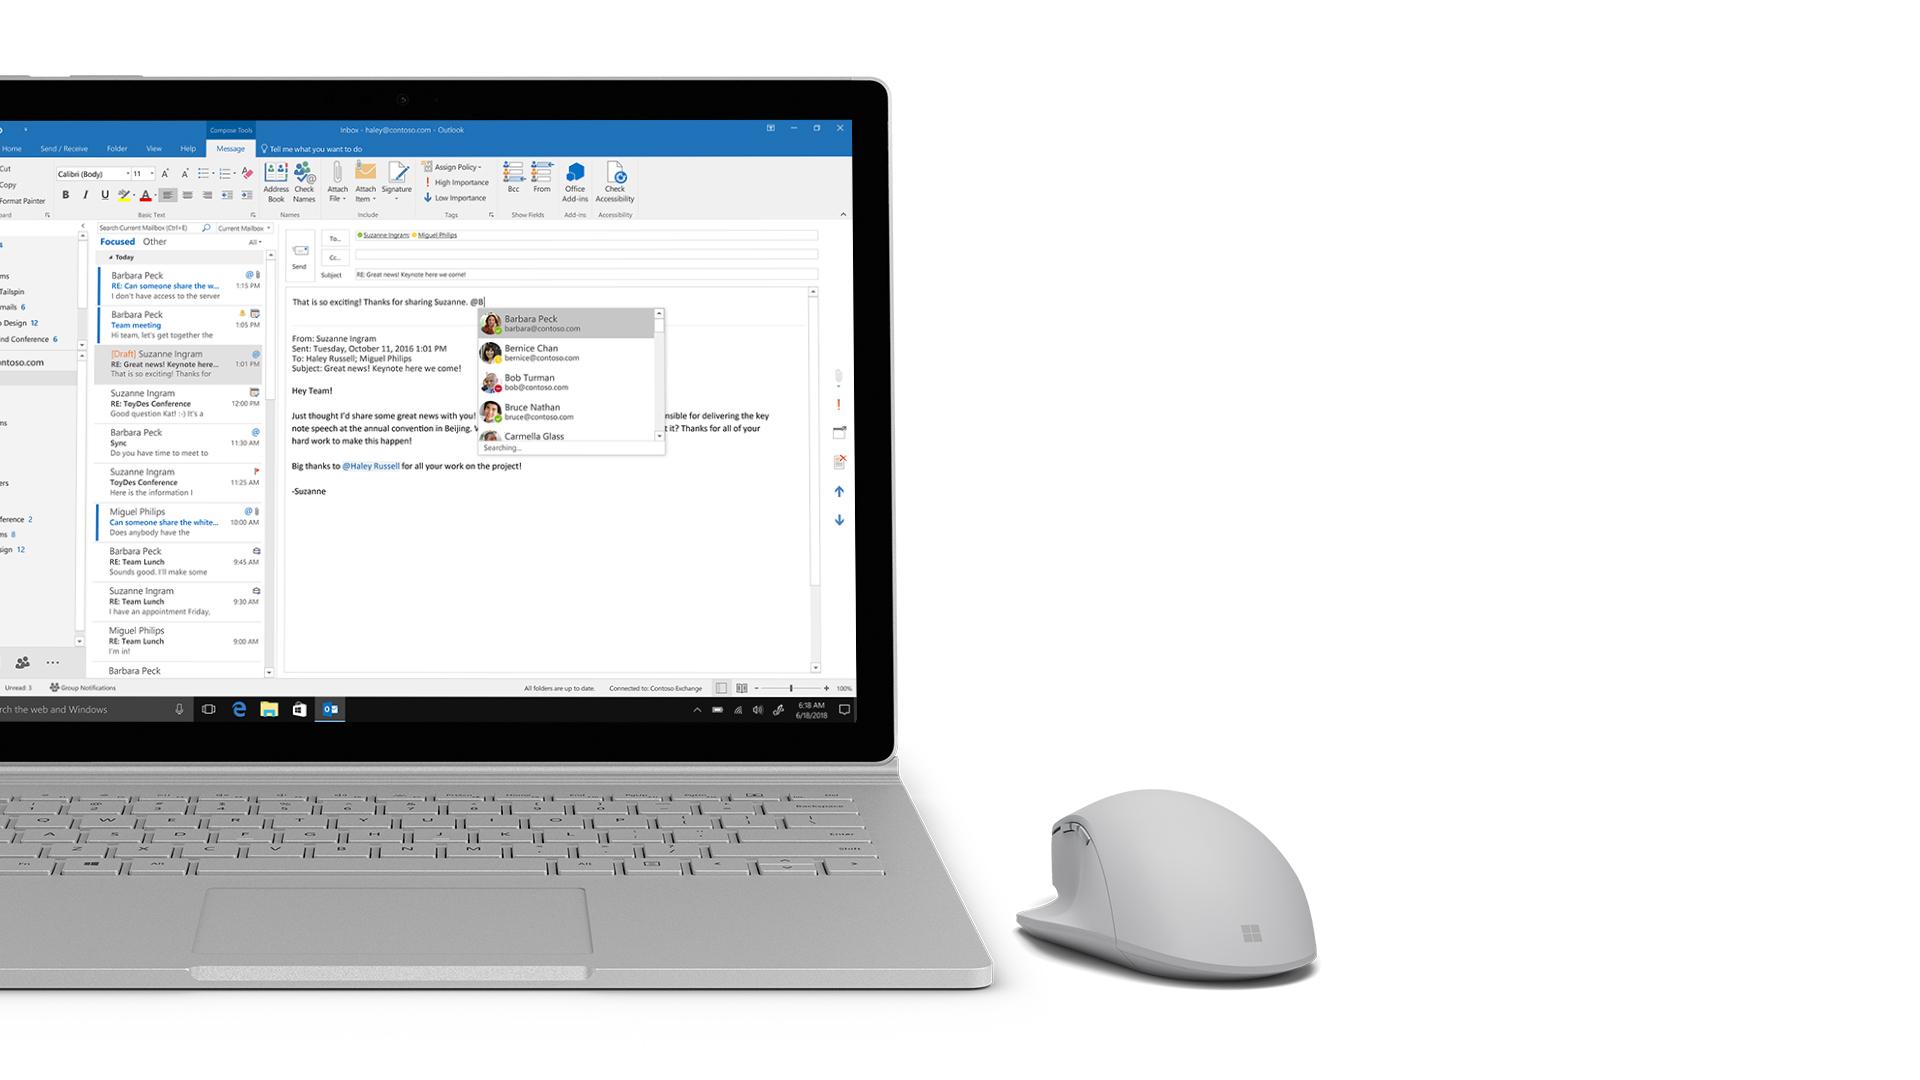 ภาพหน้าจอของ Outlook บน Surface